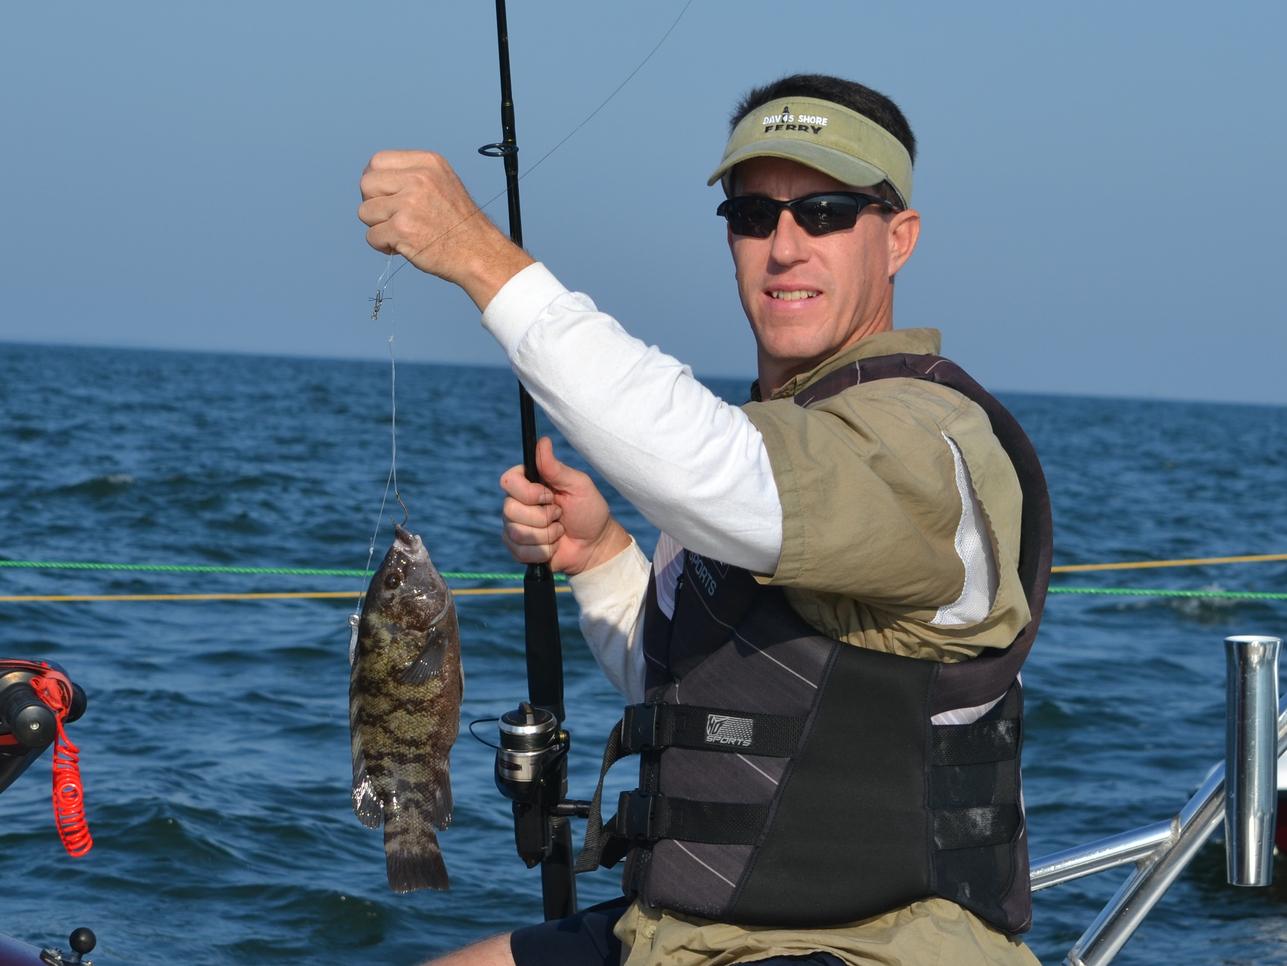 Jet ski fishing chesapeake bay fishing report october 04 for Fishing chesapeake bay